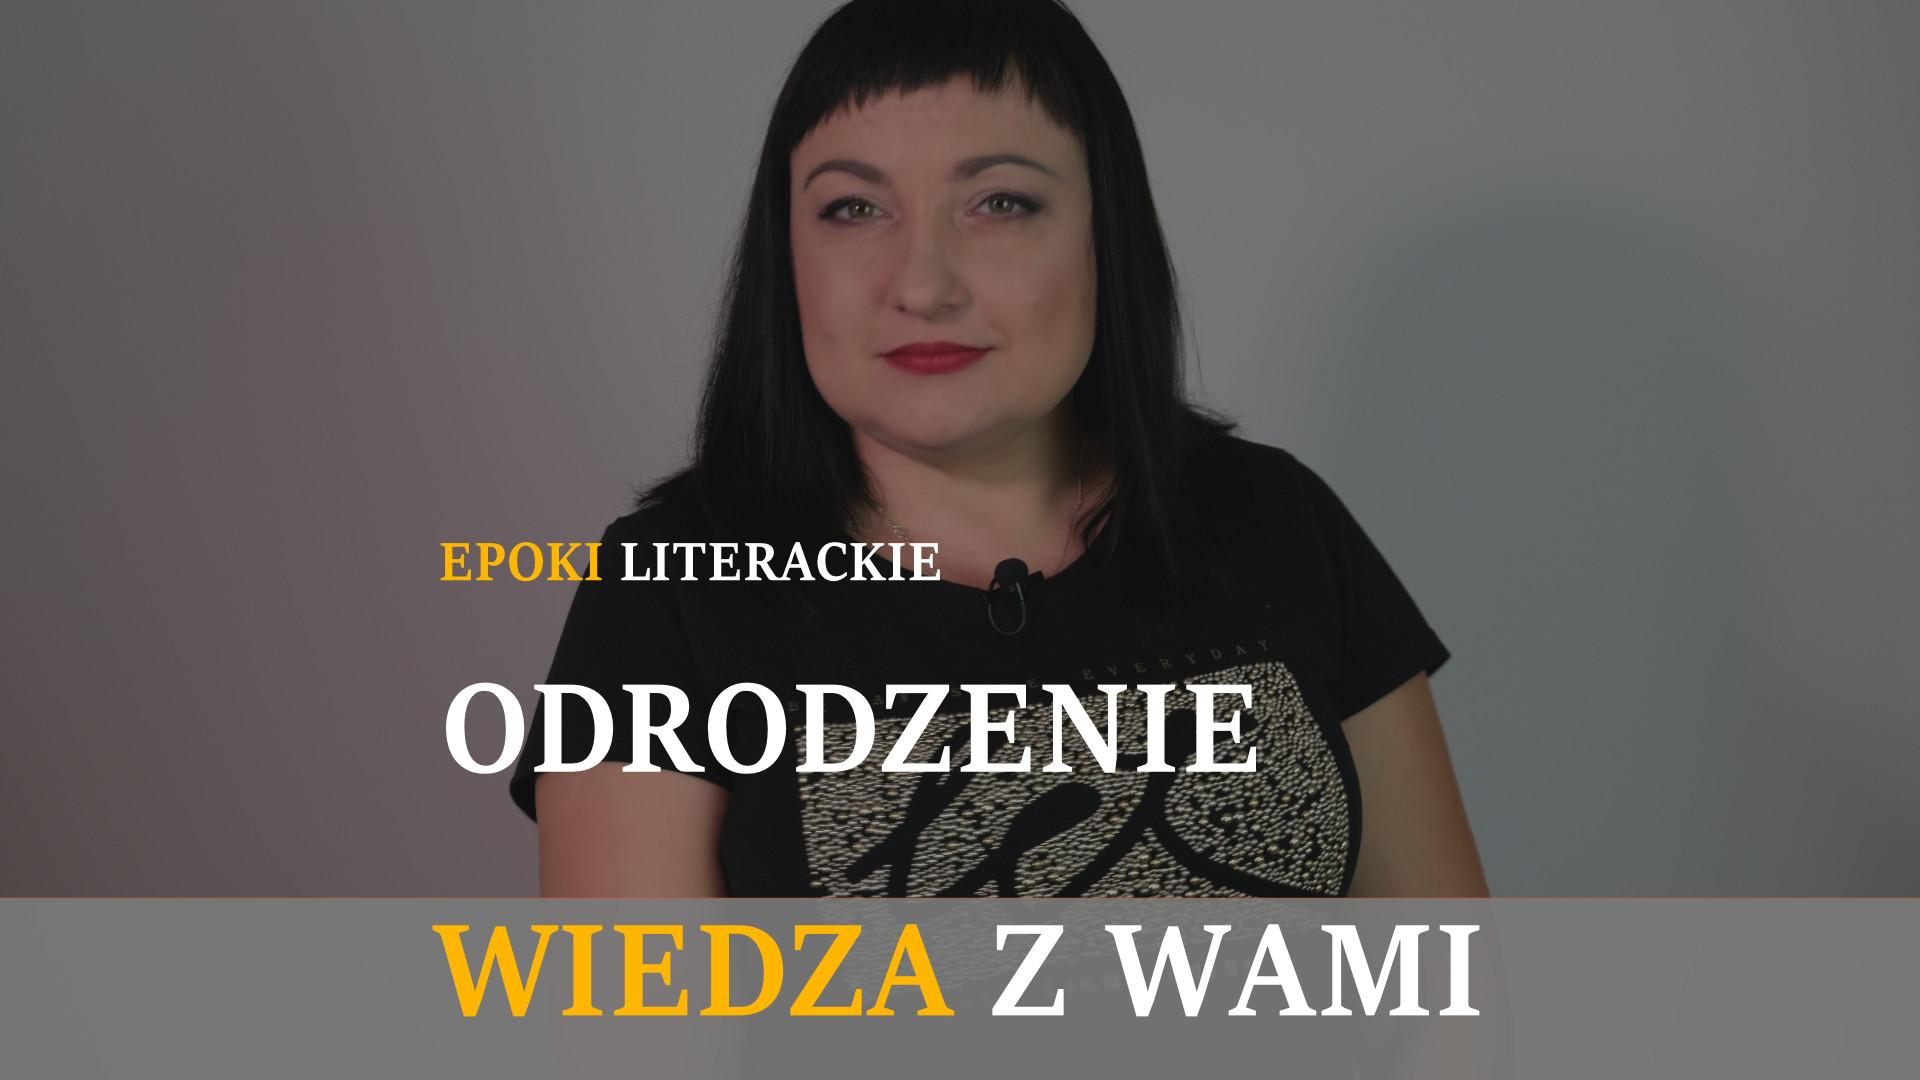 04 epoki literackie odrodzenie V2